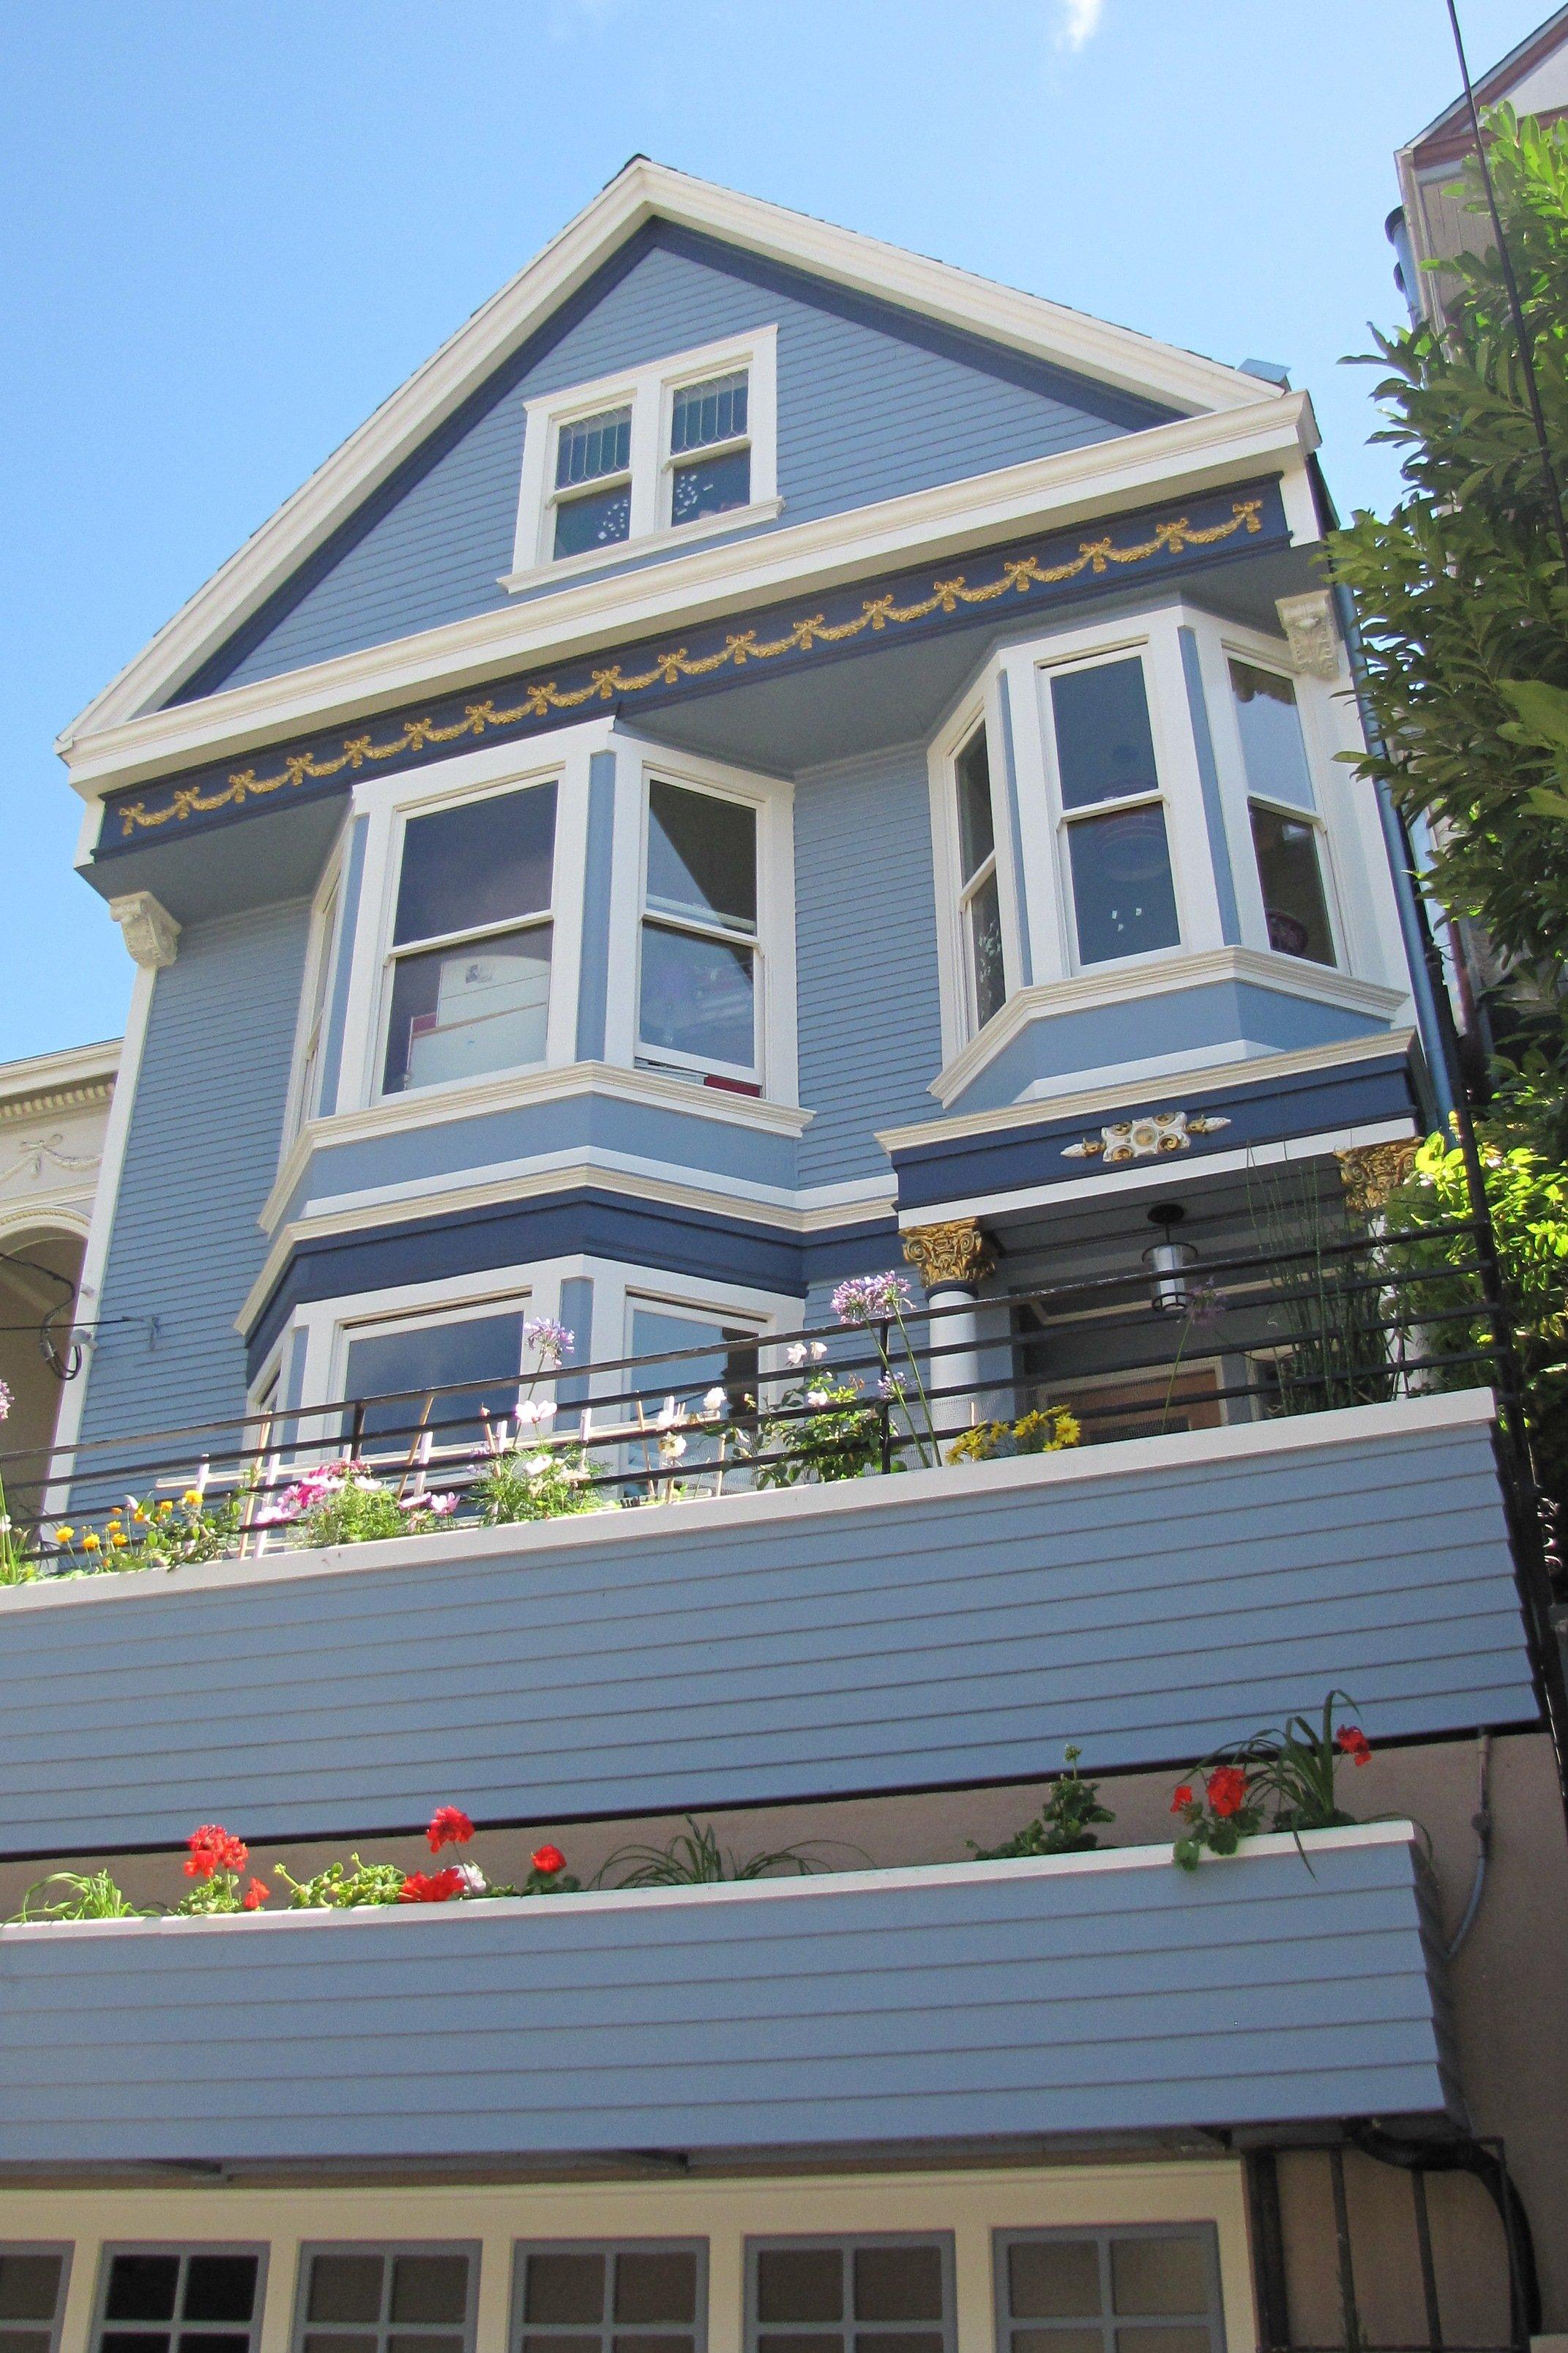 Lundi 25 juillet san francisco c est une maison bleue for Adresse de la maison bleue san francisco